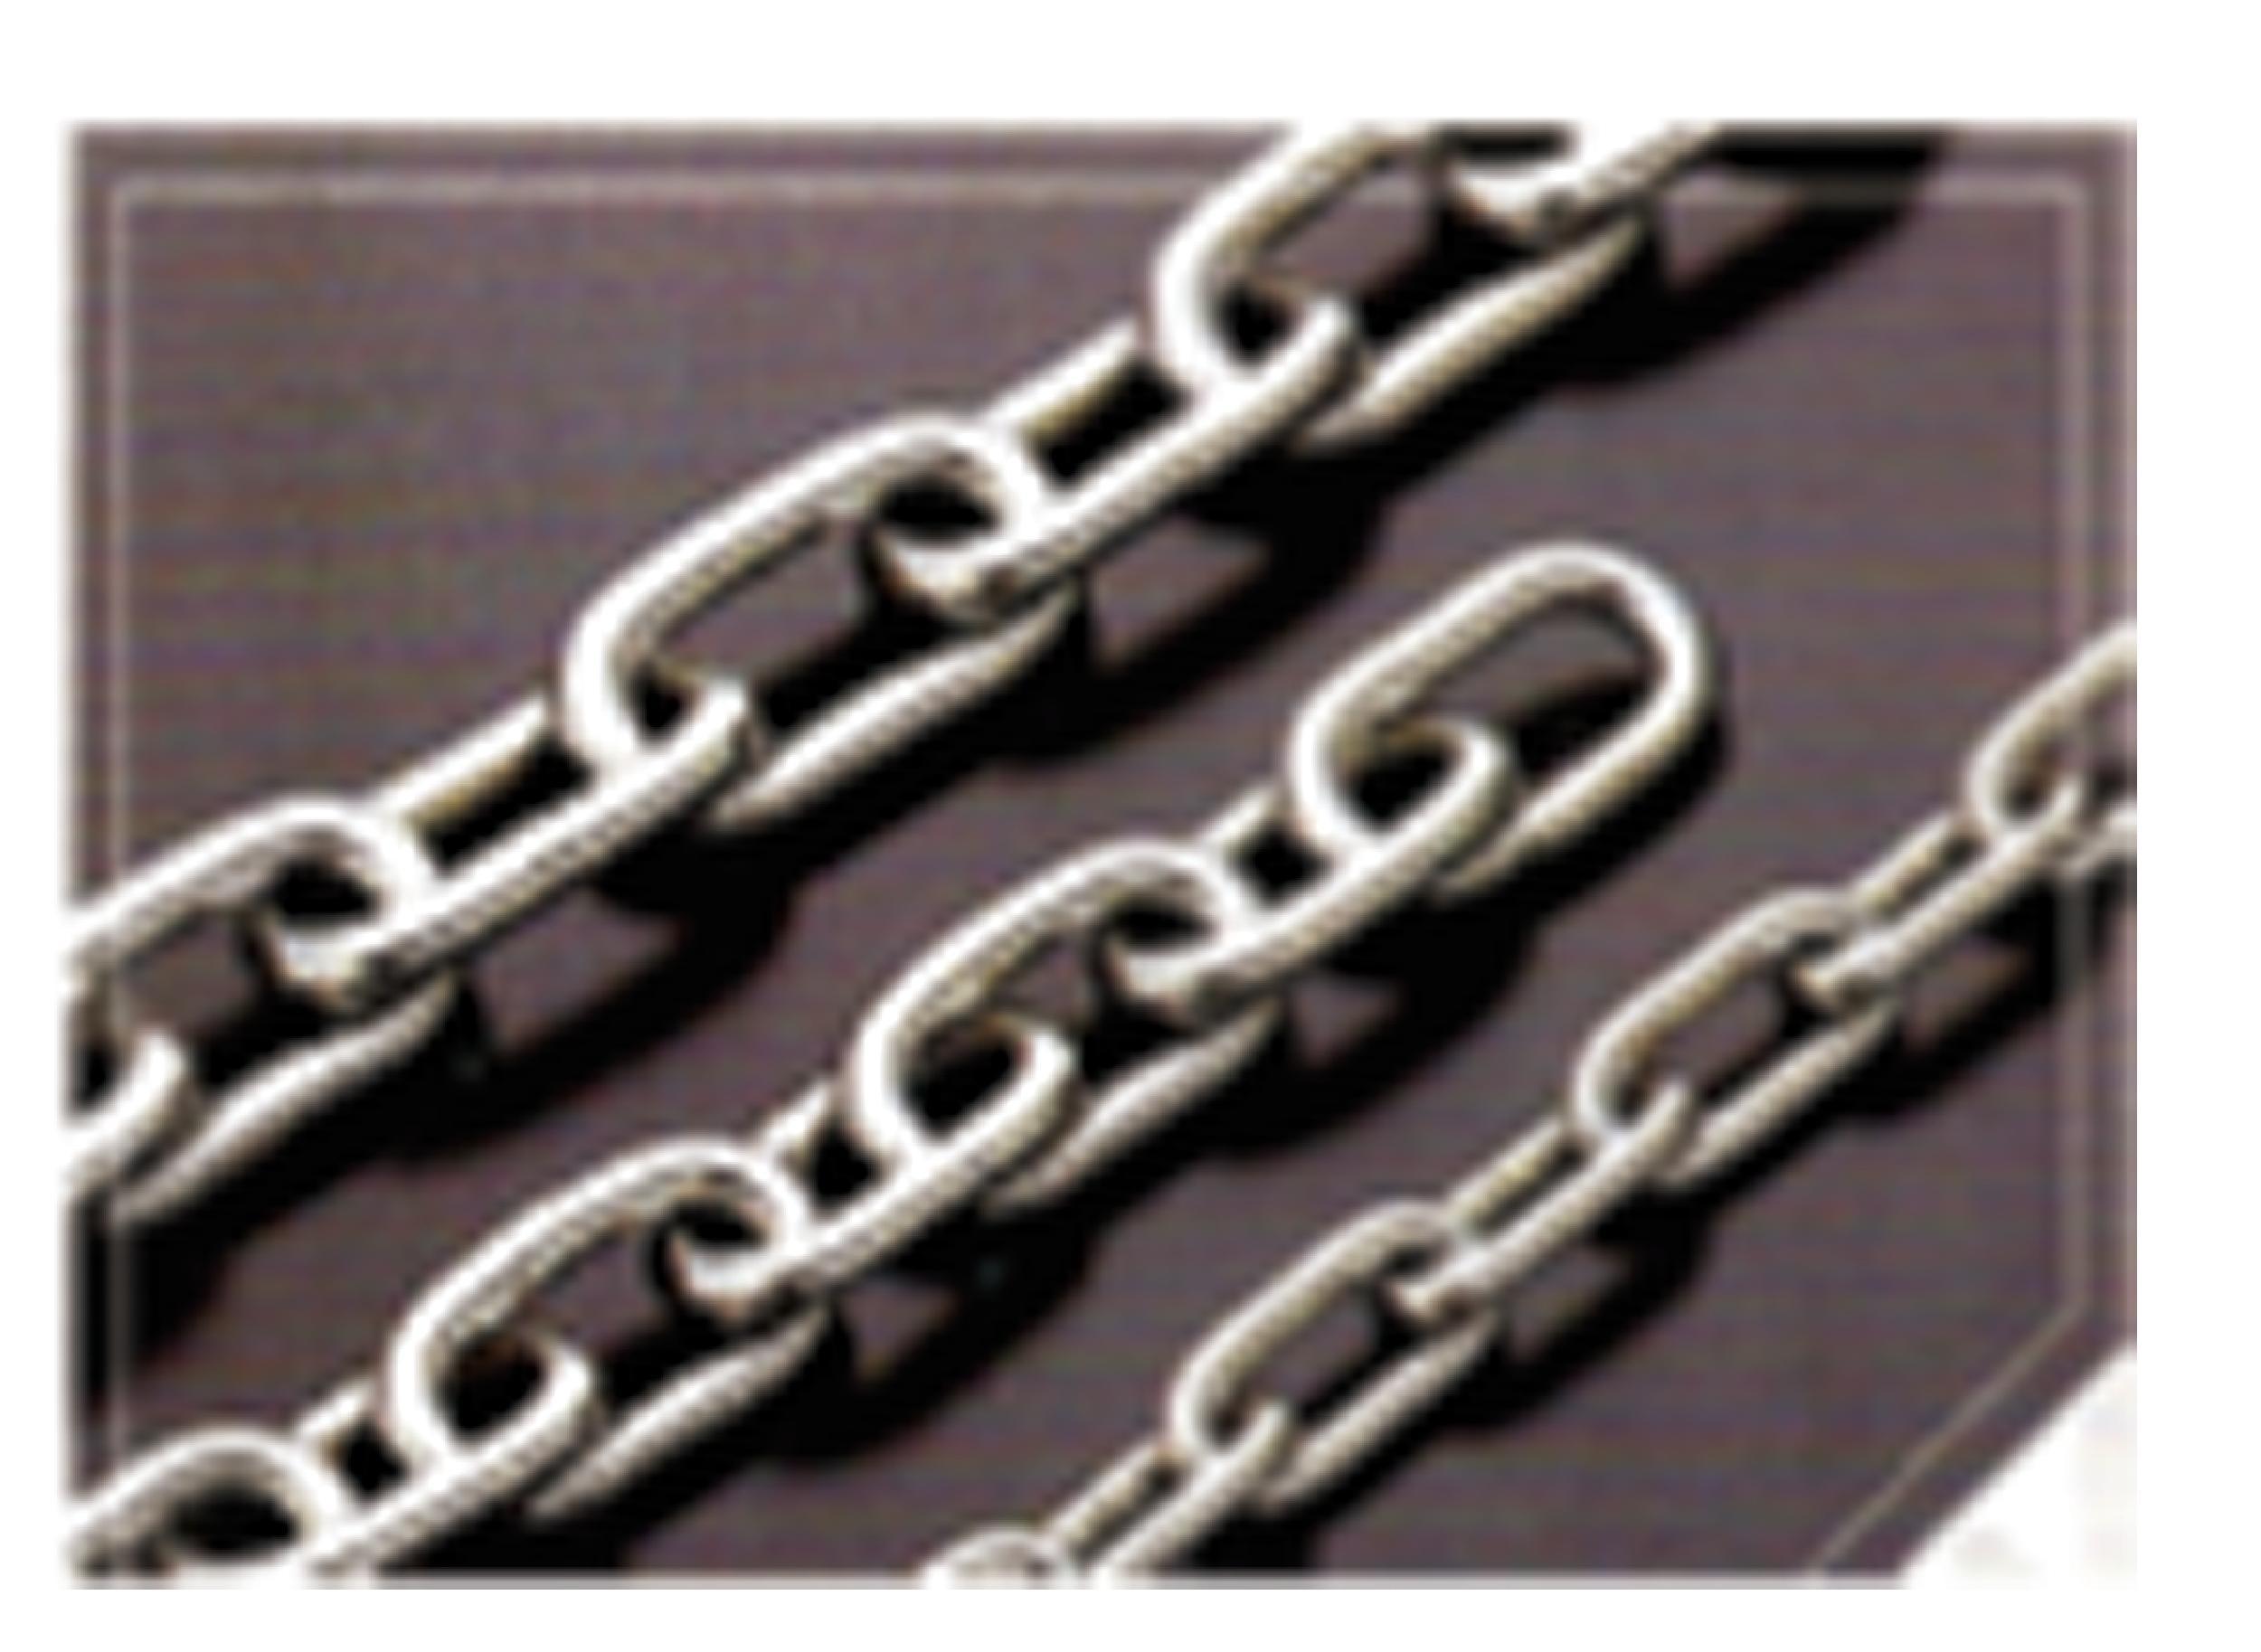 白鐵鏈條( 3m/m)鍊條 不鏽鋼鍊條 鐵鍊 鋼索 鋼夾 拉線器 白鐵鍊條